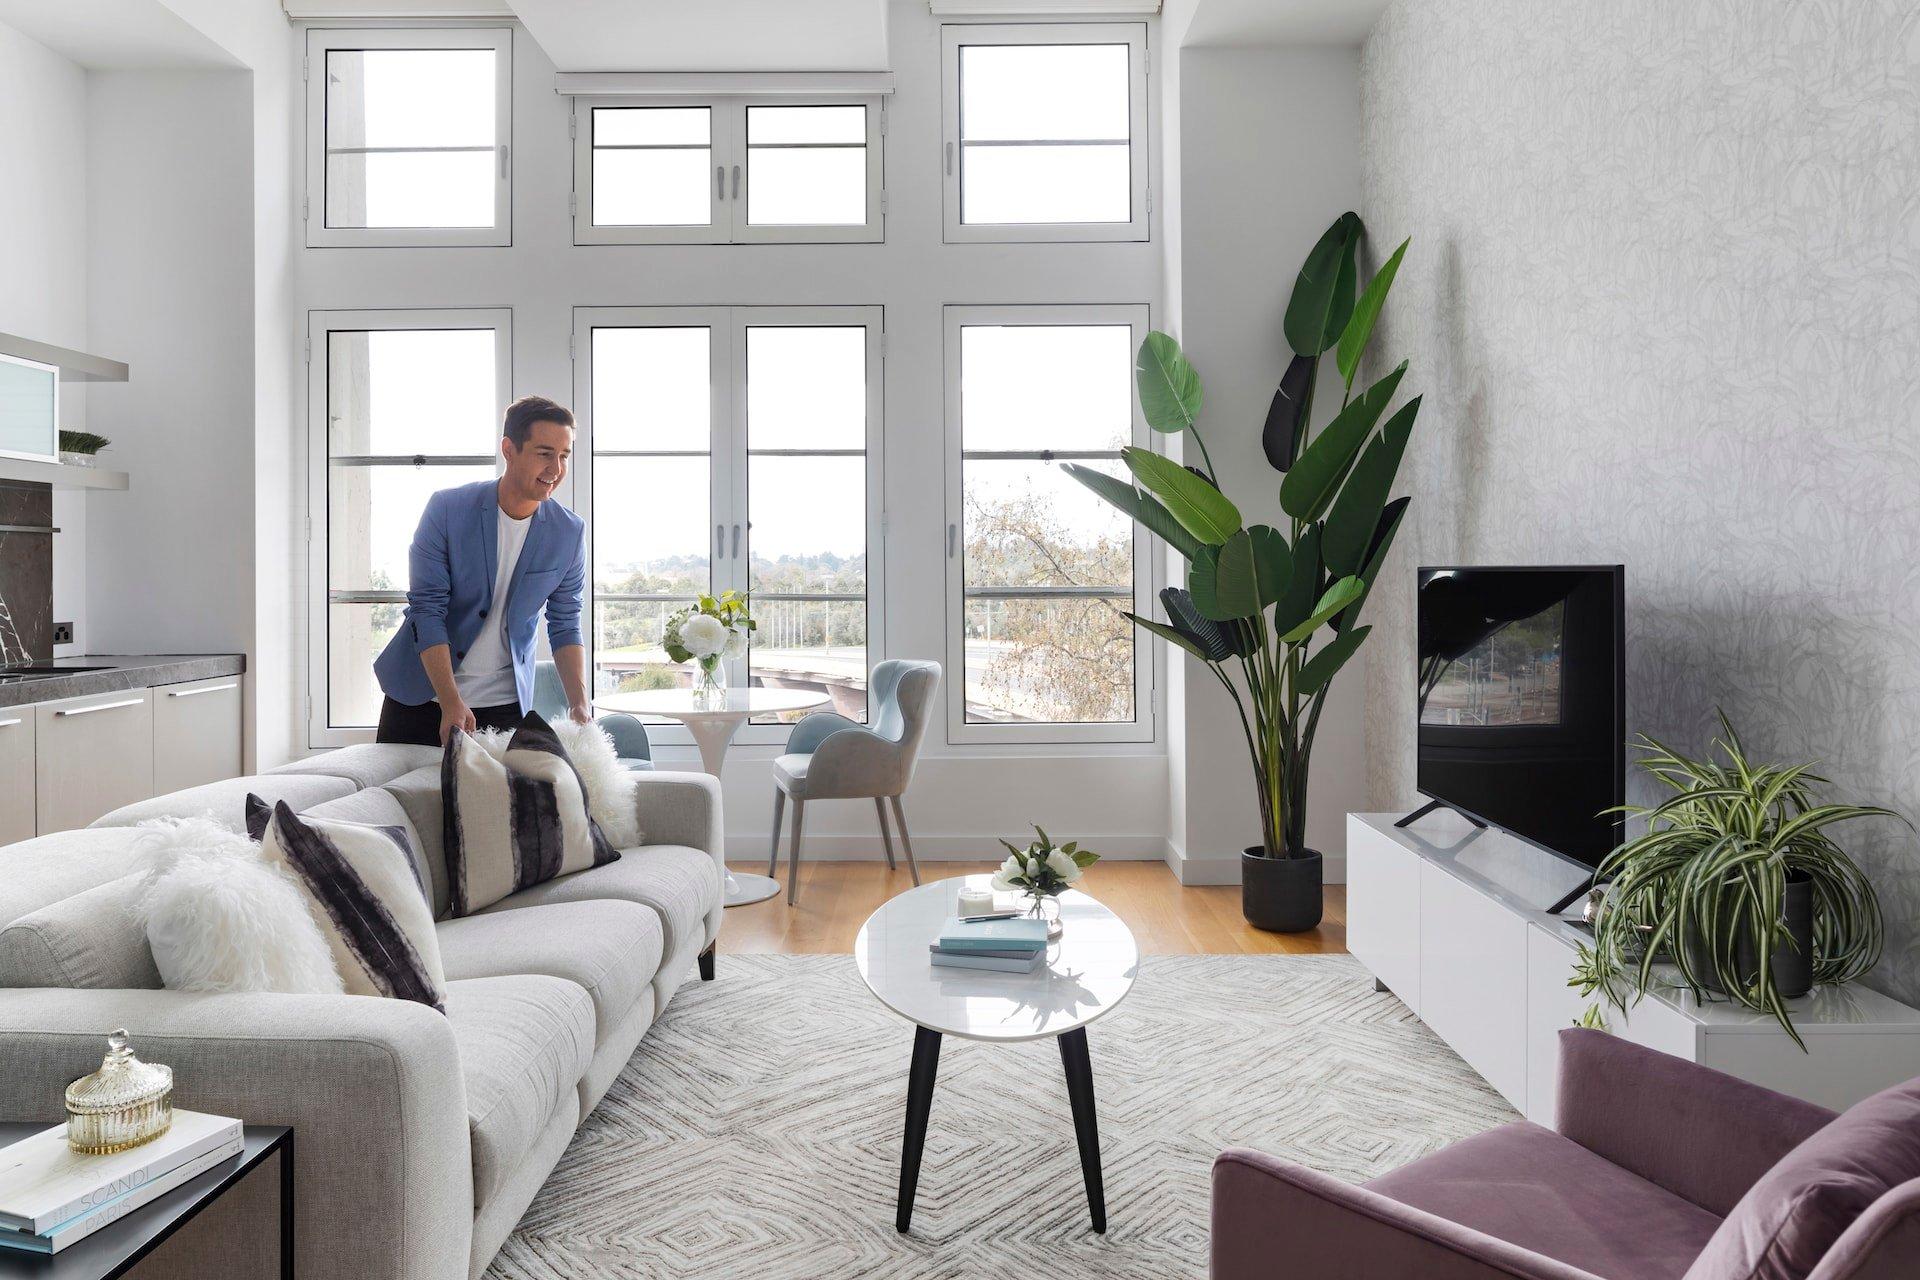 chris carroll tlc interiors melbourne interior designer in bright cbd apartment